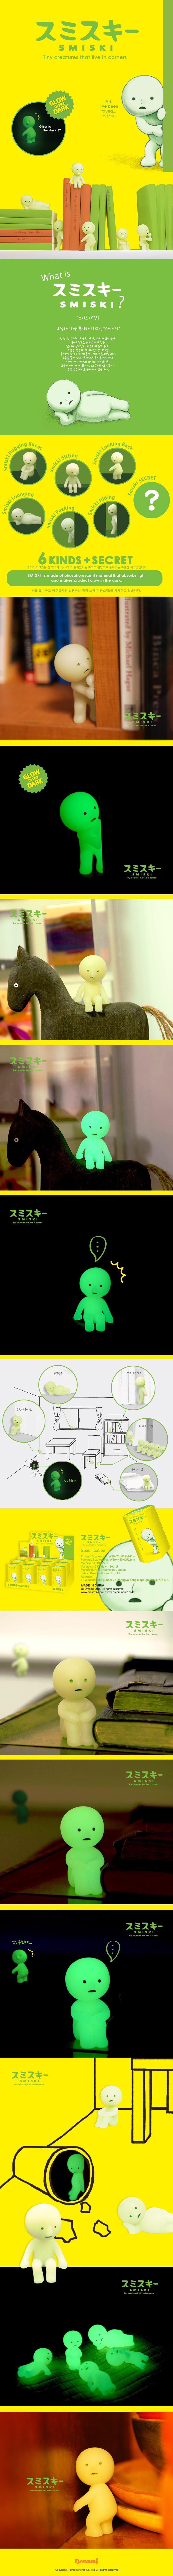 스미스키 야광 미니피규어 - Smiski Series1 (박스) - 소니엔젤, 82,800원, PVC 토이, 캐릭터